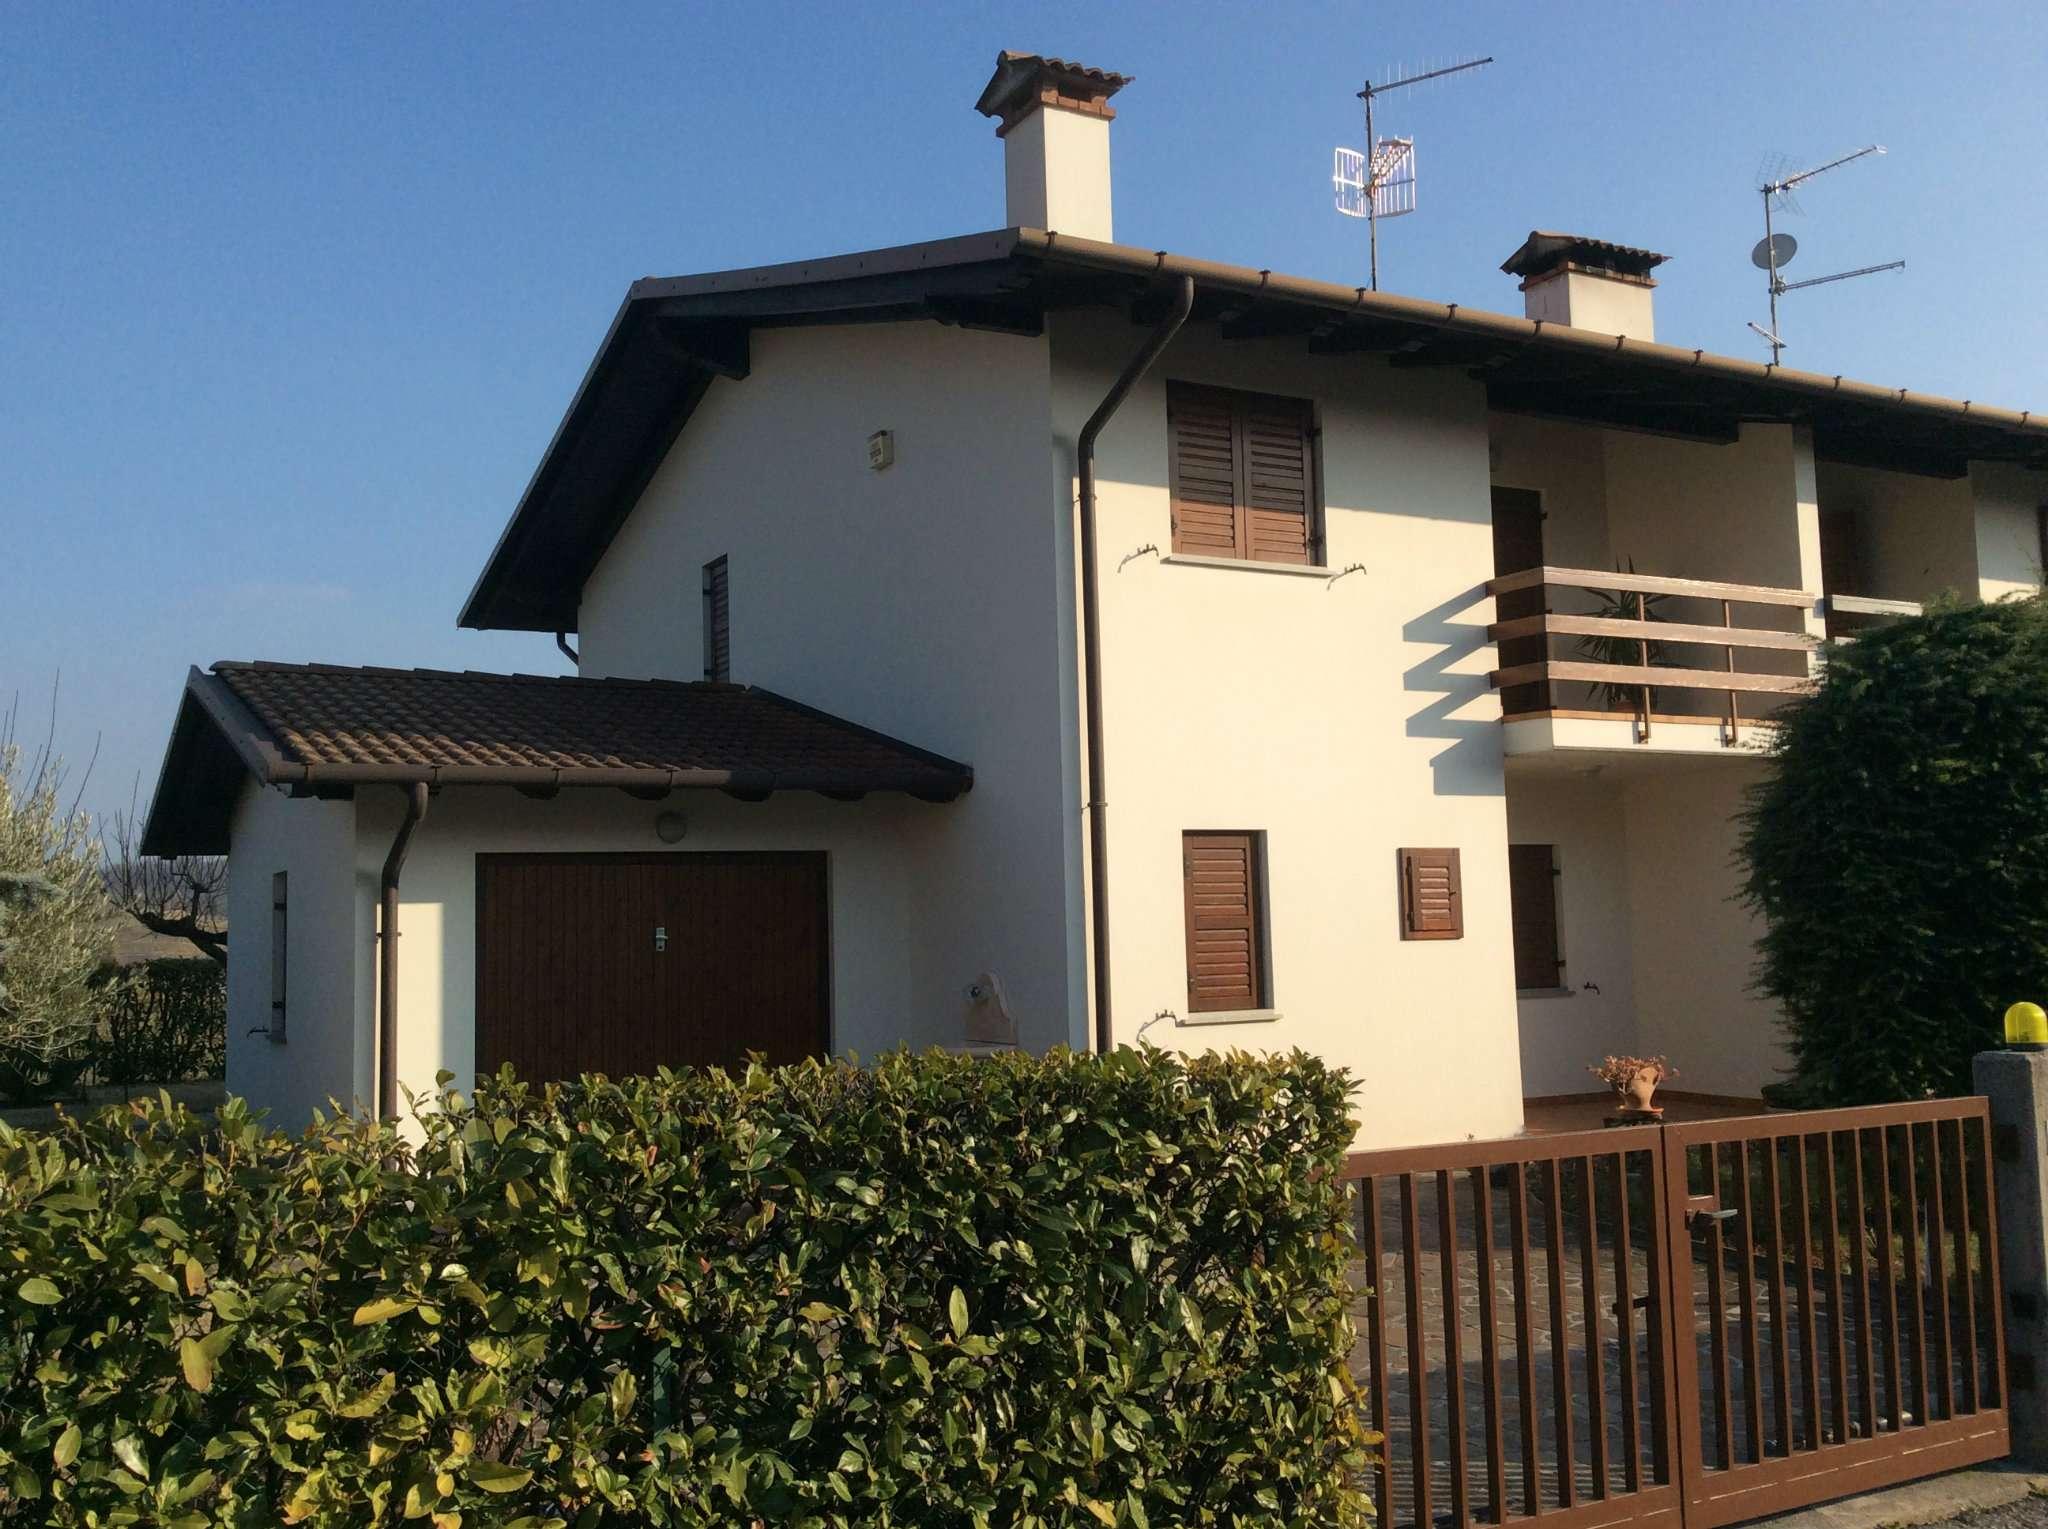 Soluzione Semindipendente in vendita a Cividale del Friuli, 6 locali, prezzo € 240.000 | Cambio Casa.it